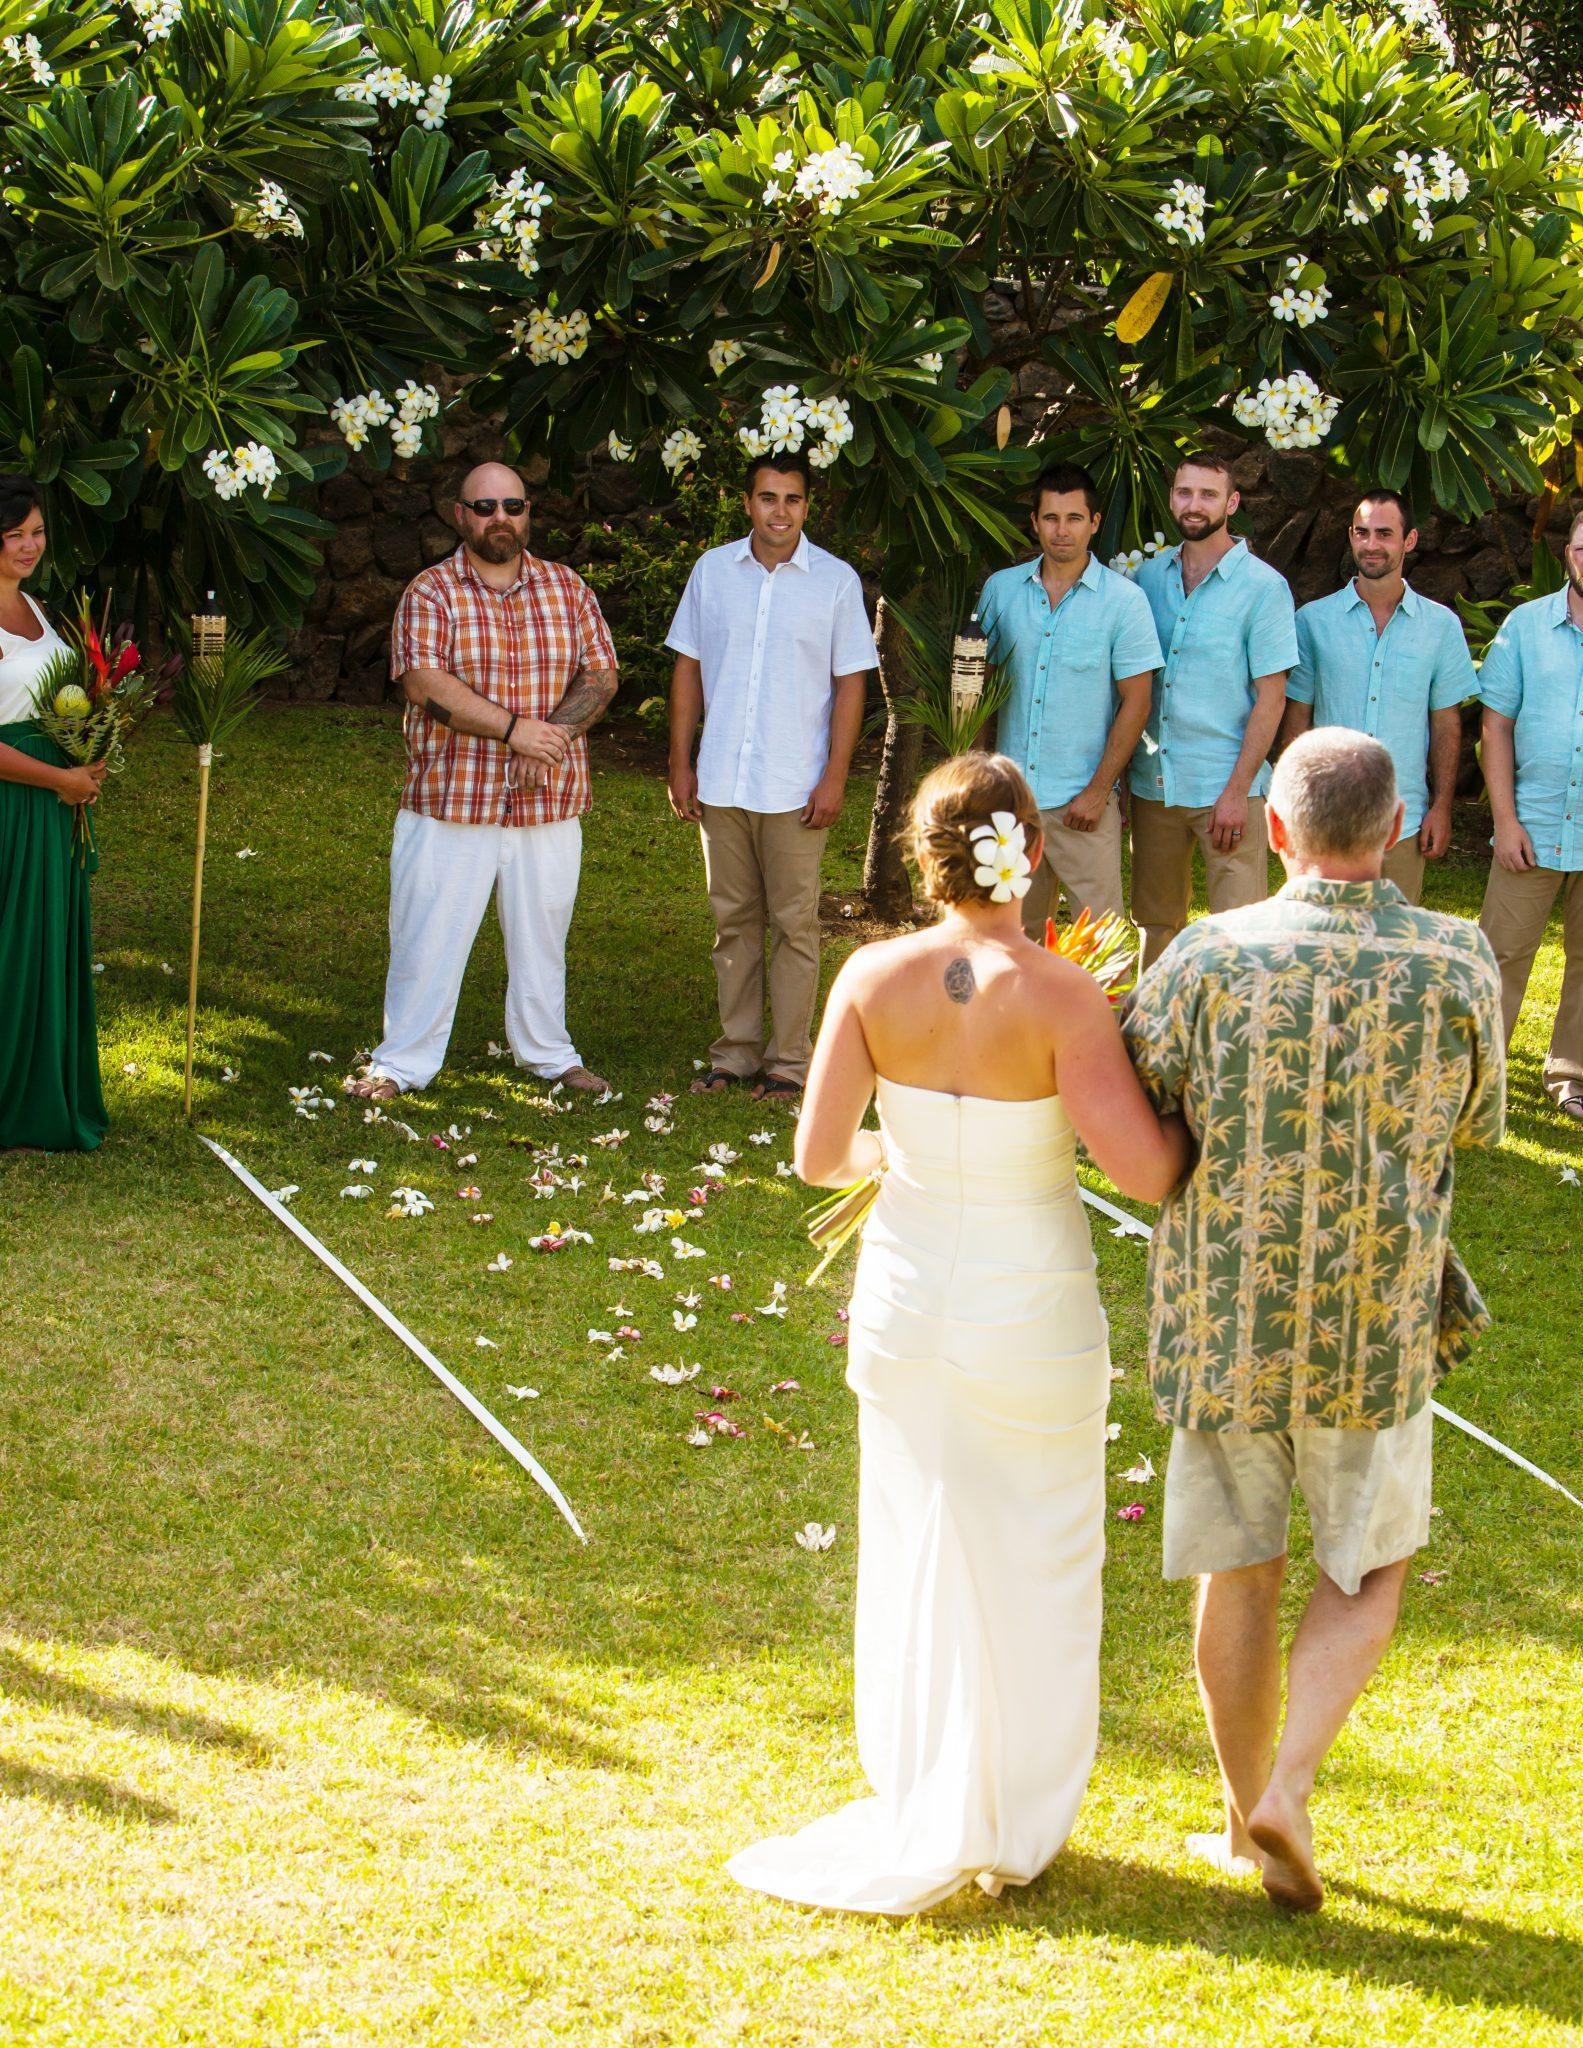 maui wedding photographer_behind the lens maui03.jpg